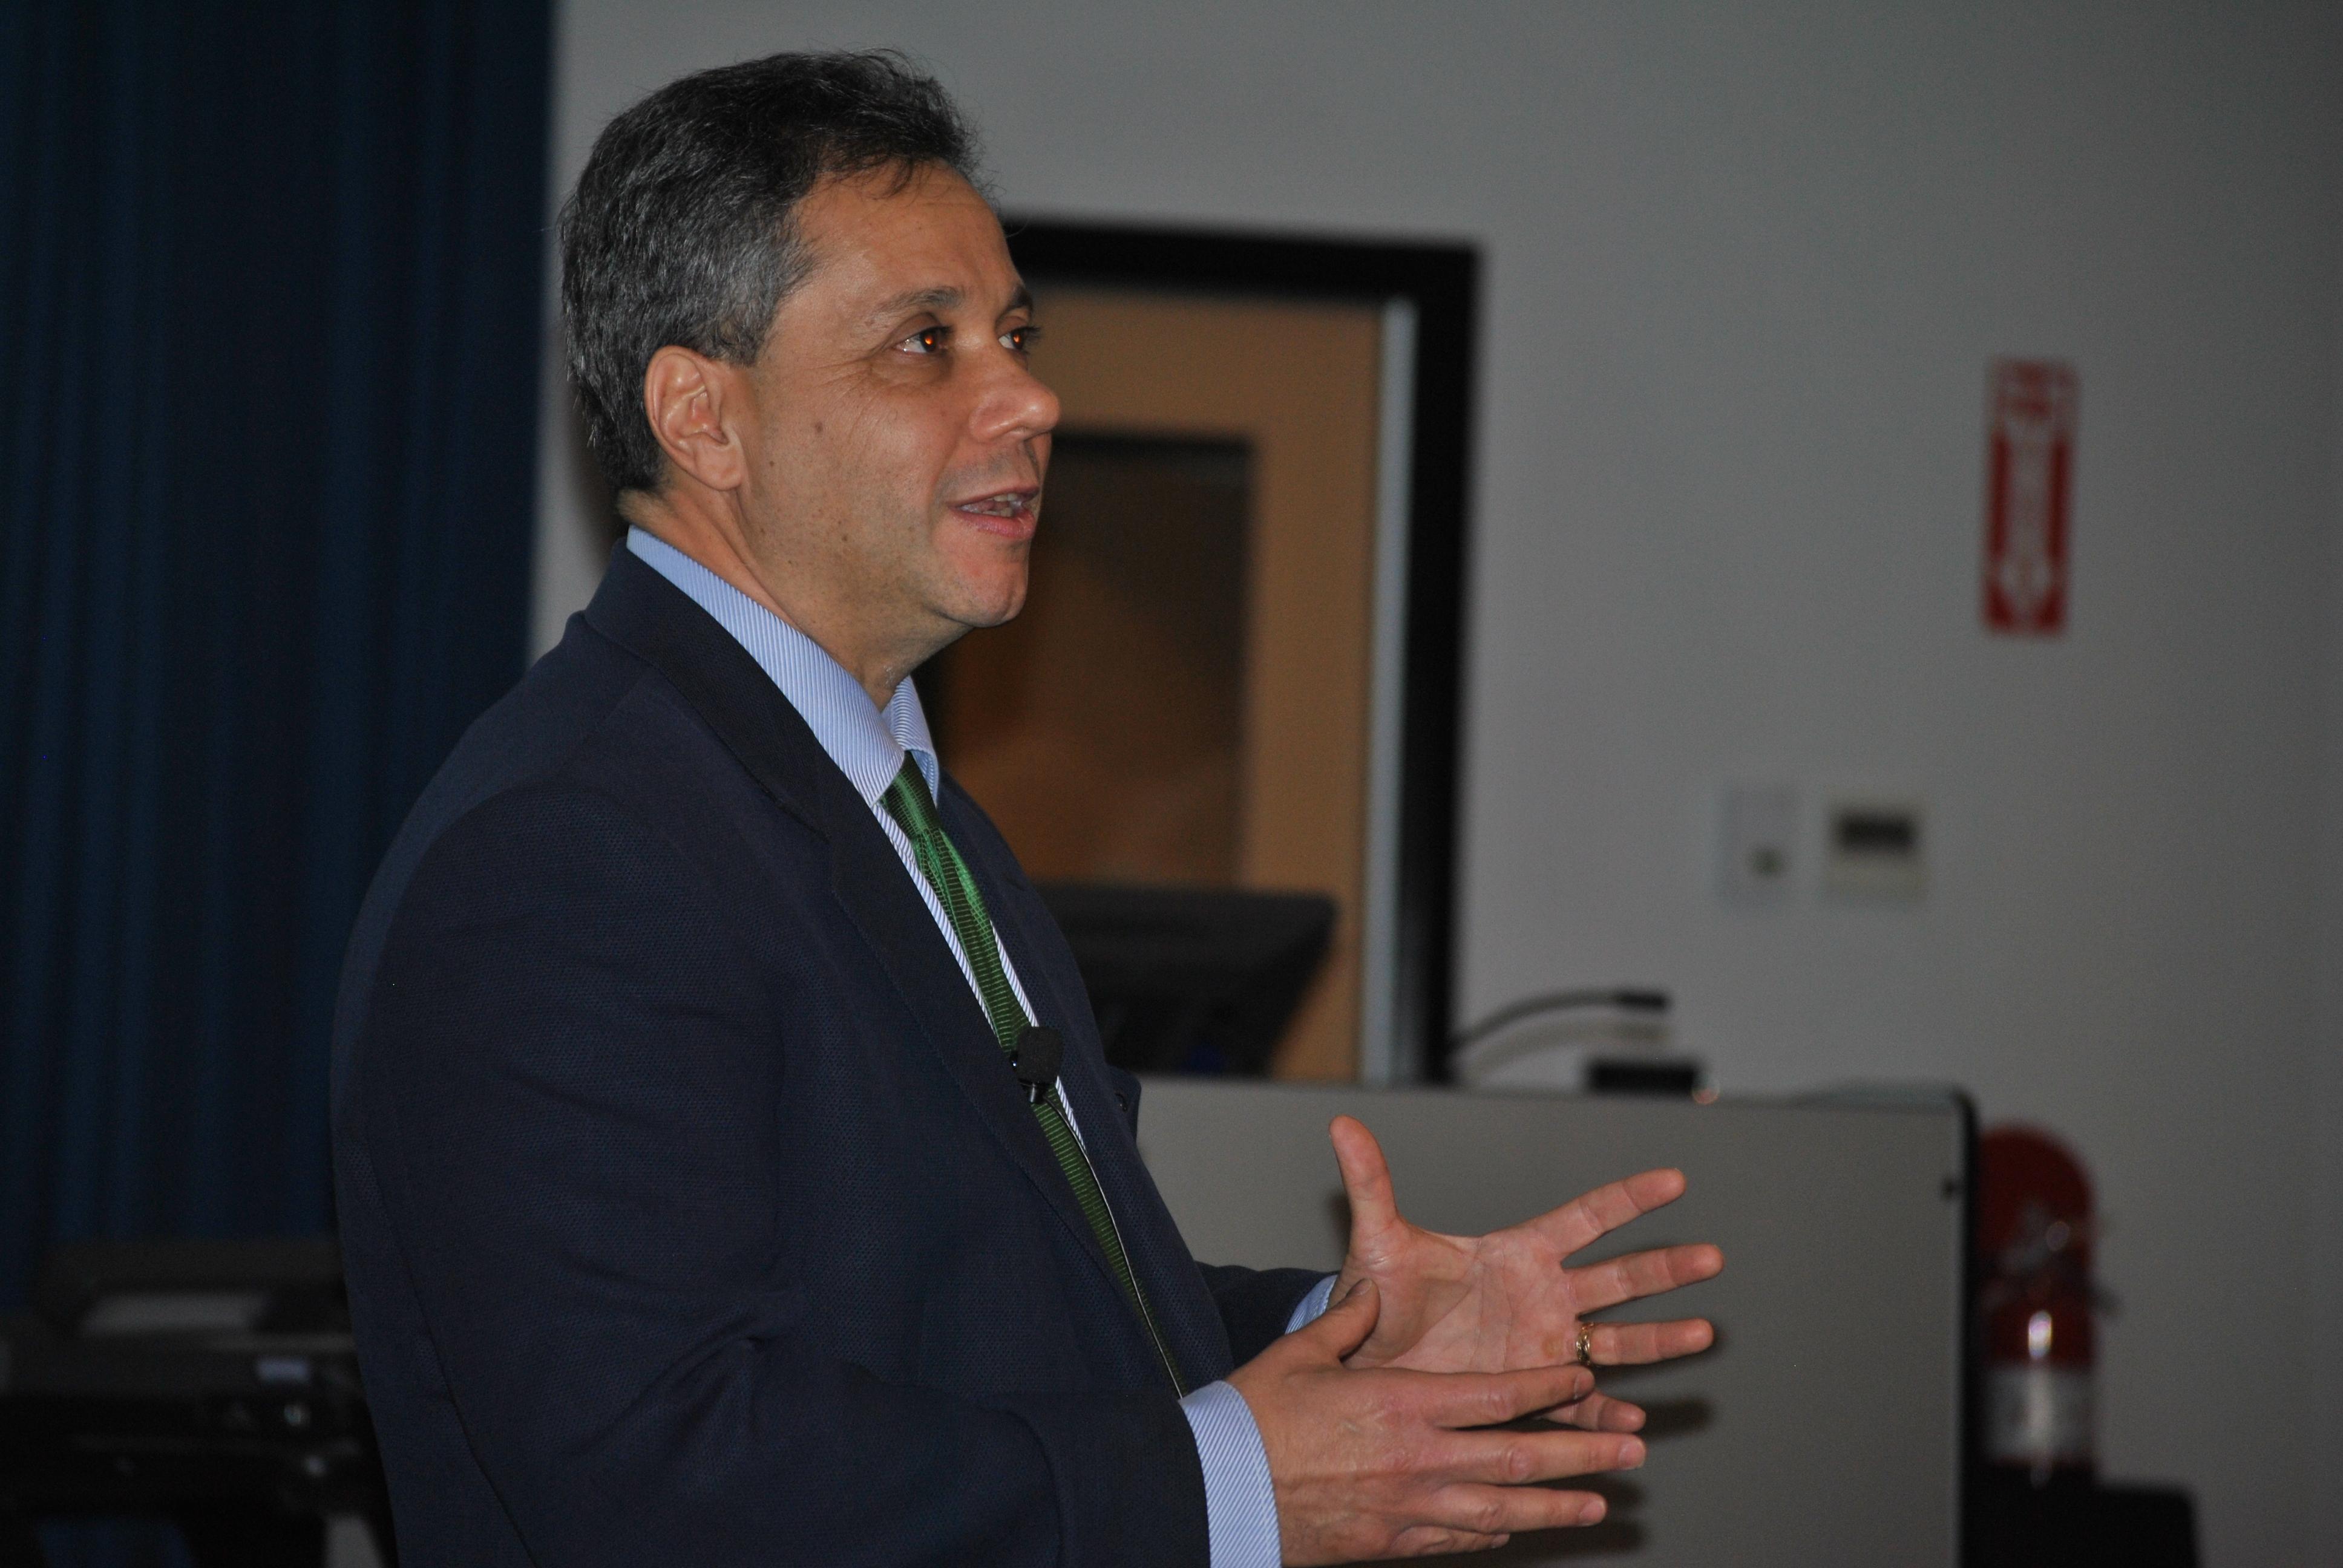 Dr. Peter A. Singer